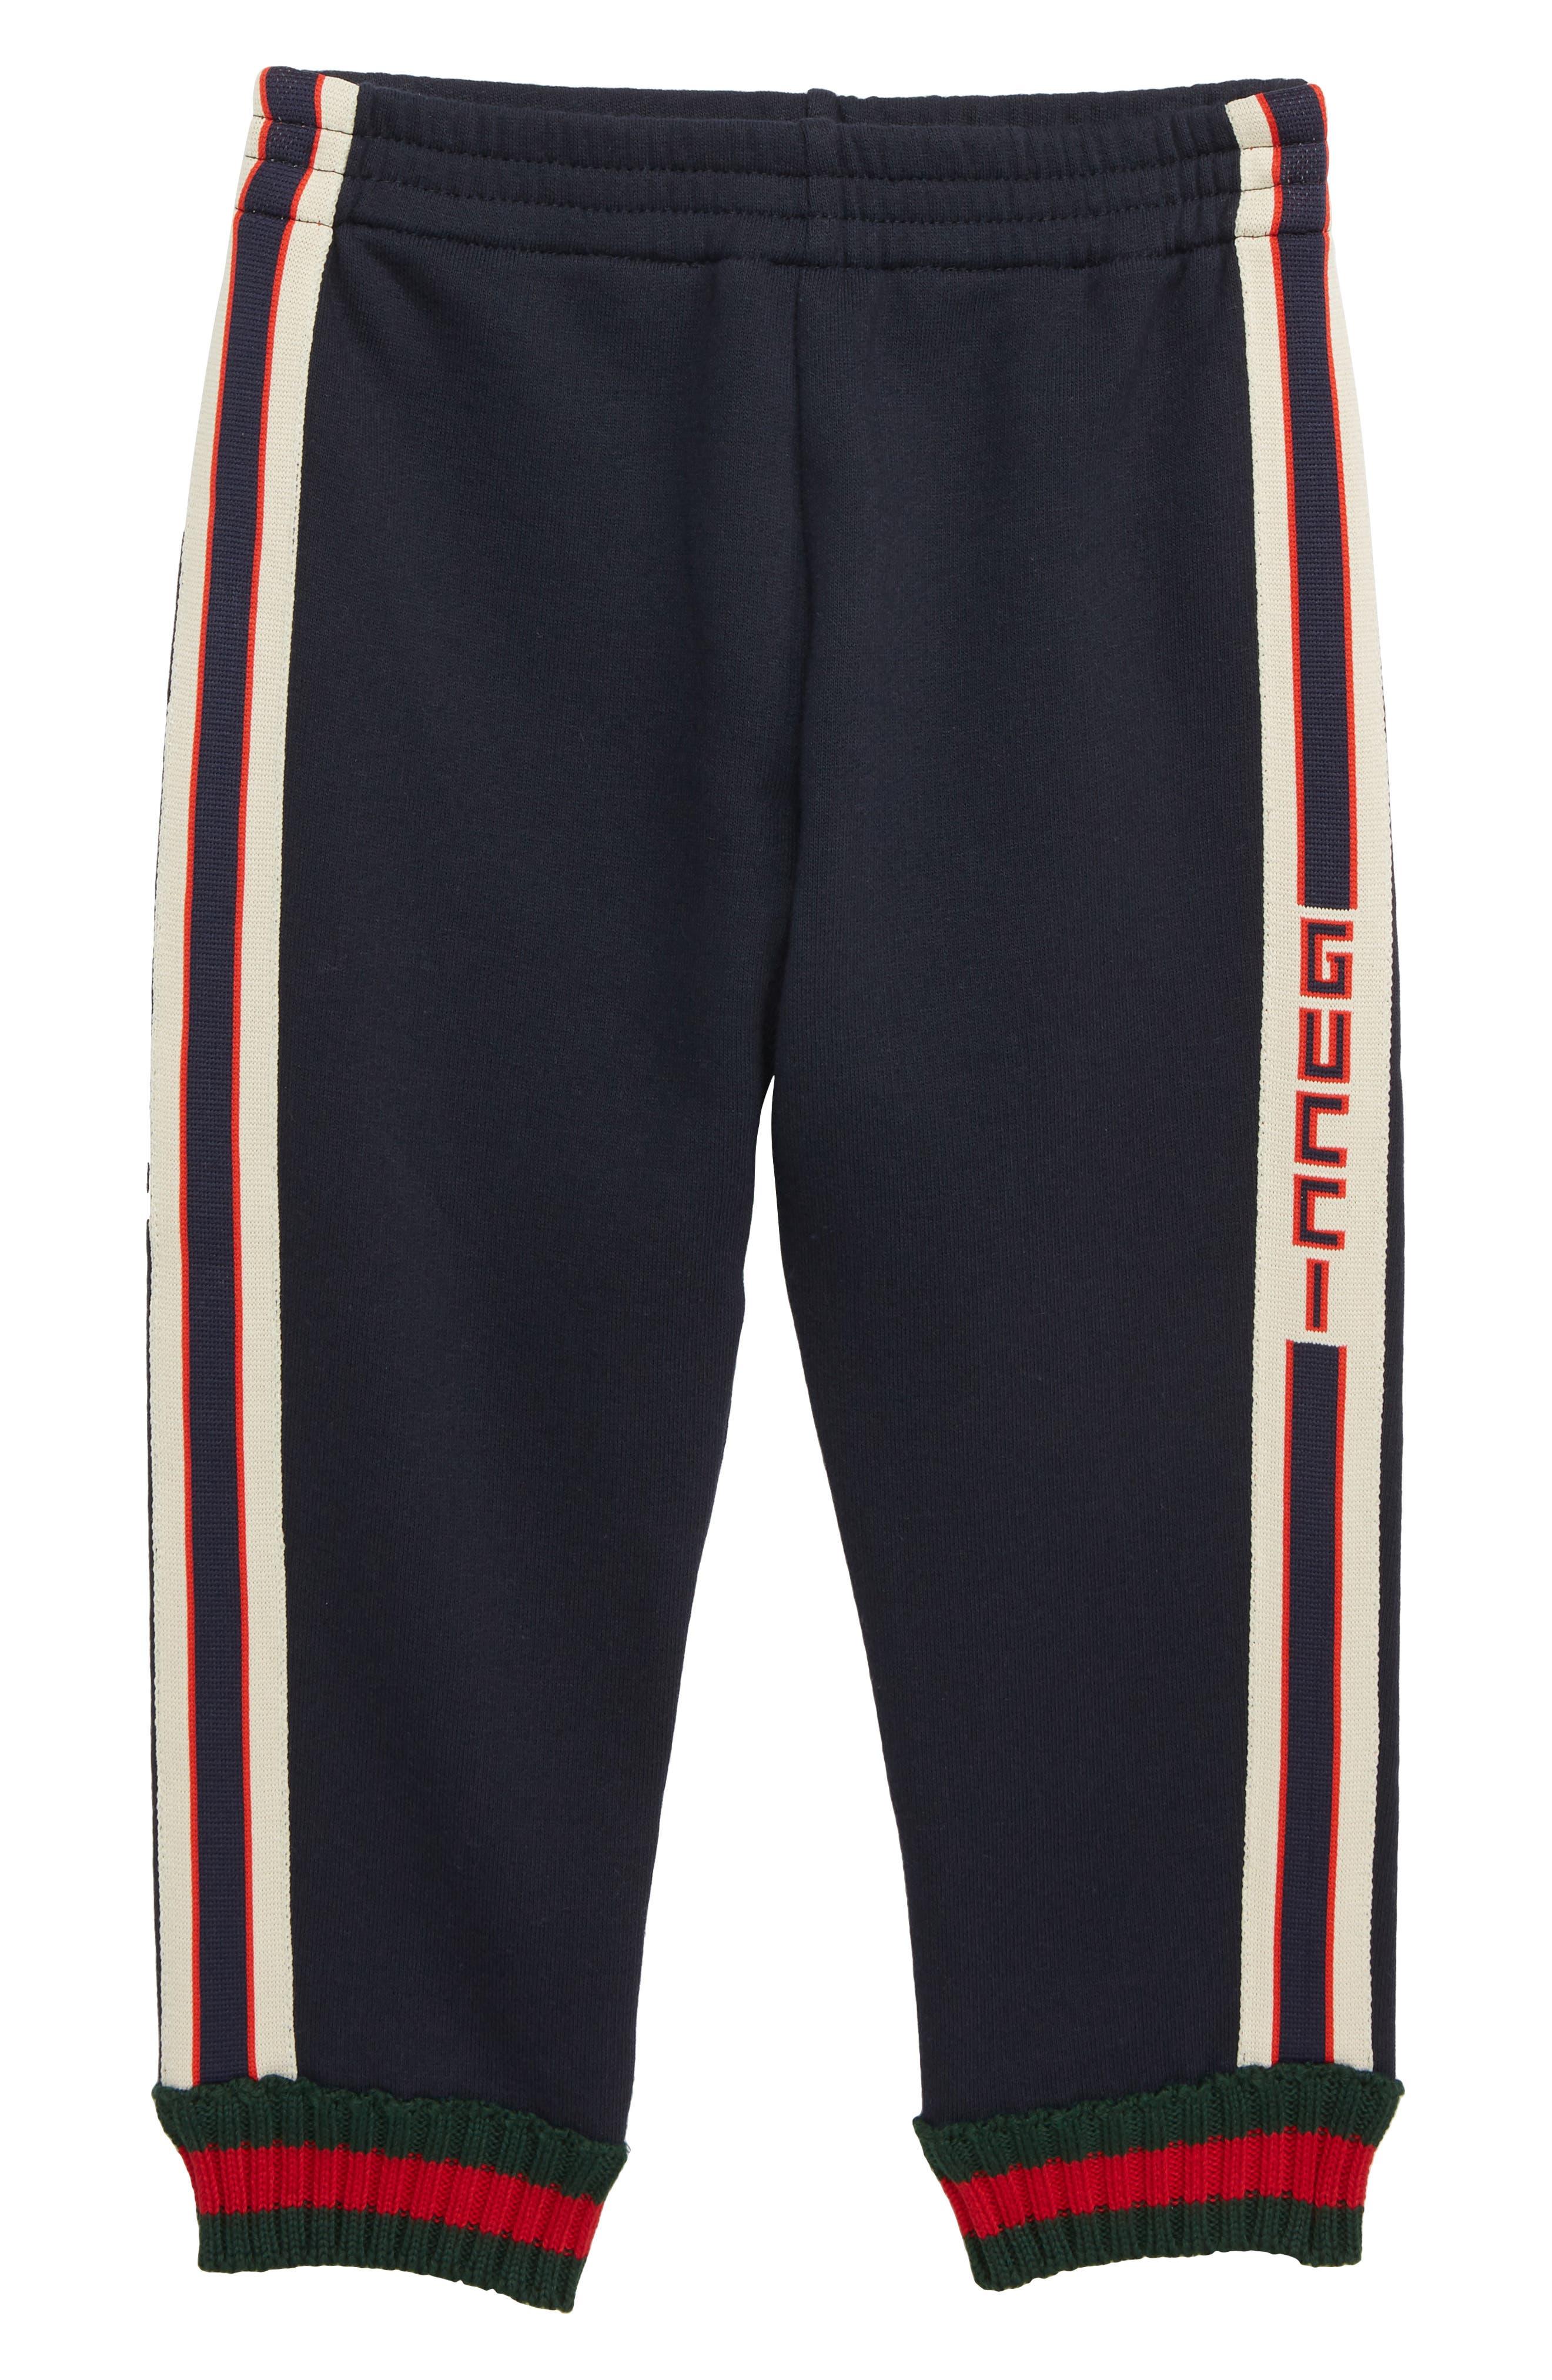 GUCCI, Logo Stripe Jogging Pants, Main thumbnail 1, color, MULTI BLUE